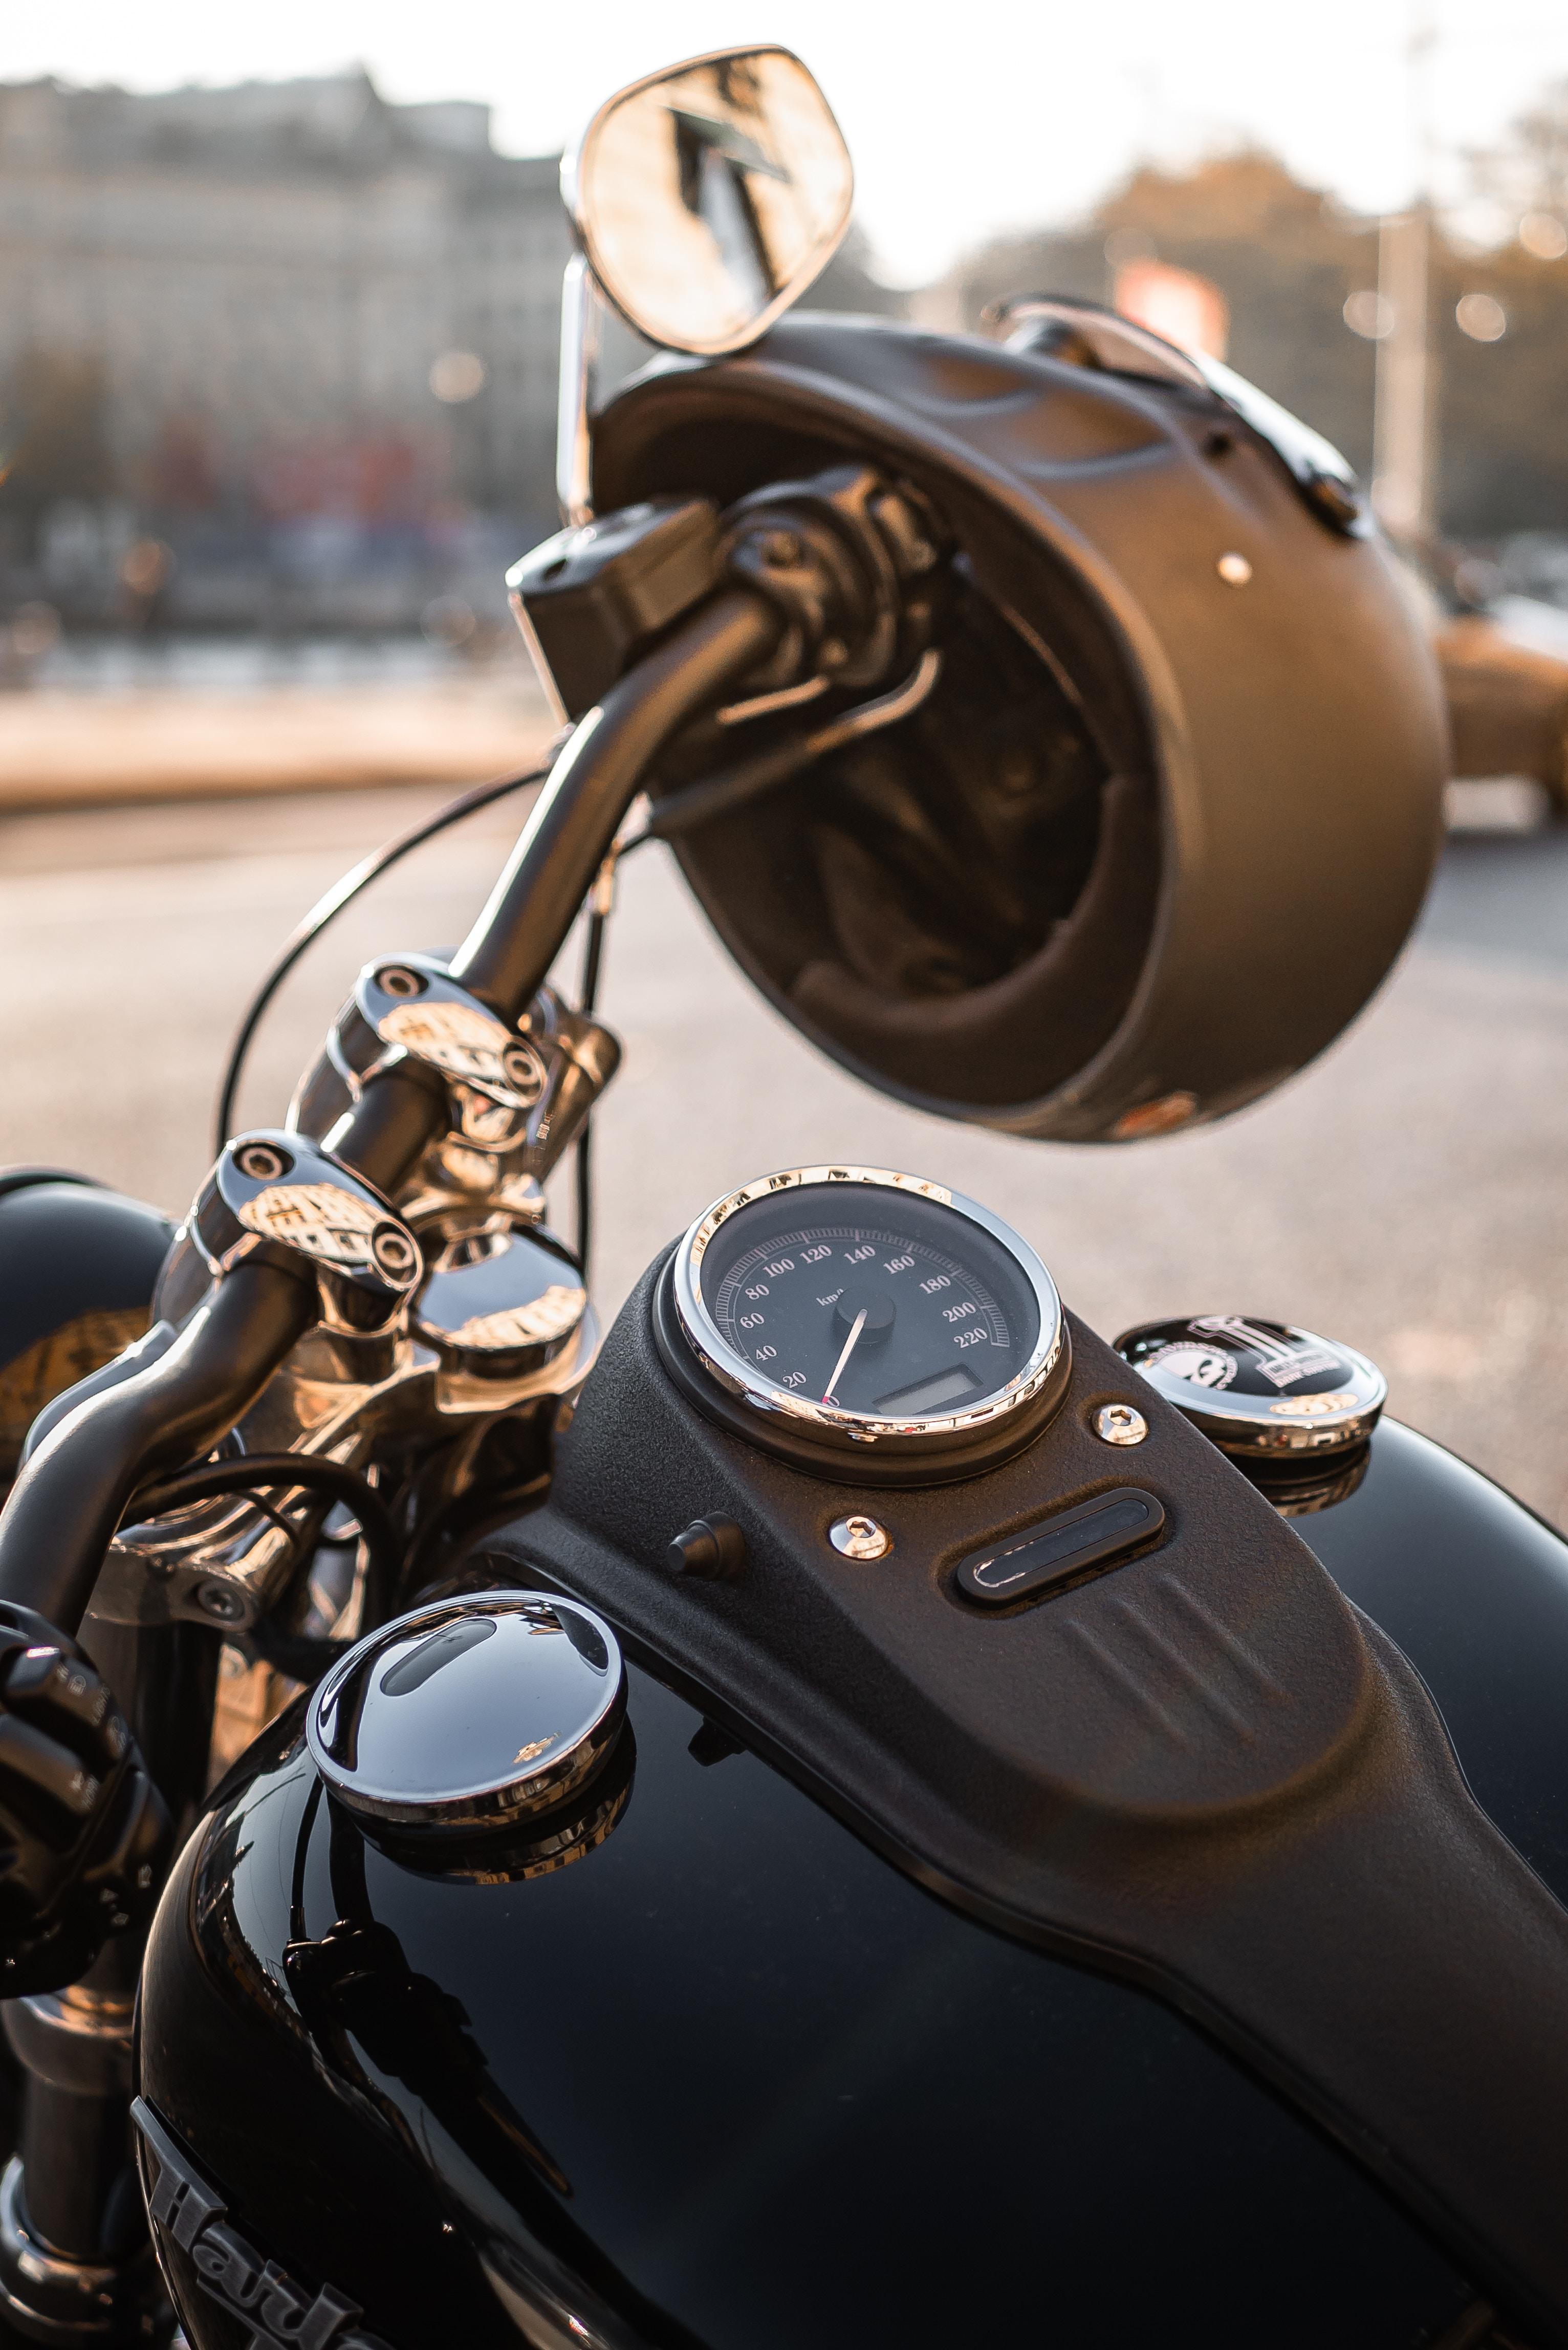 IBM e Harley Davidson per migliorare la driving experience